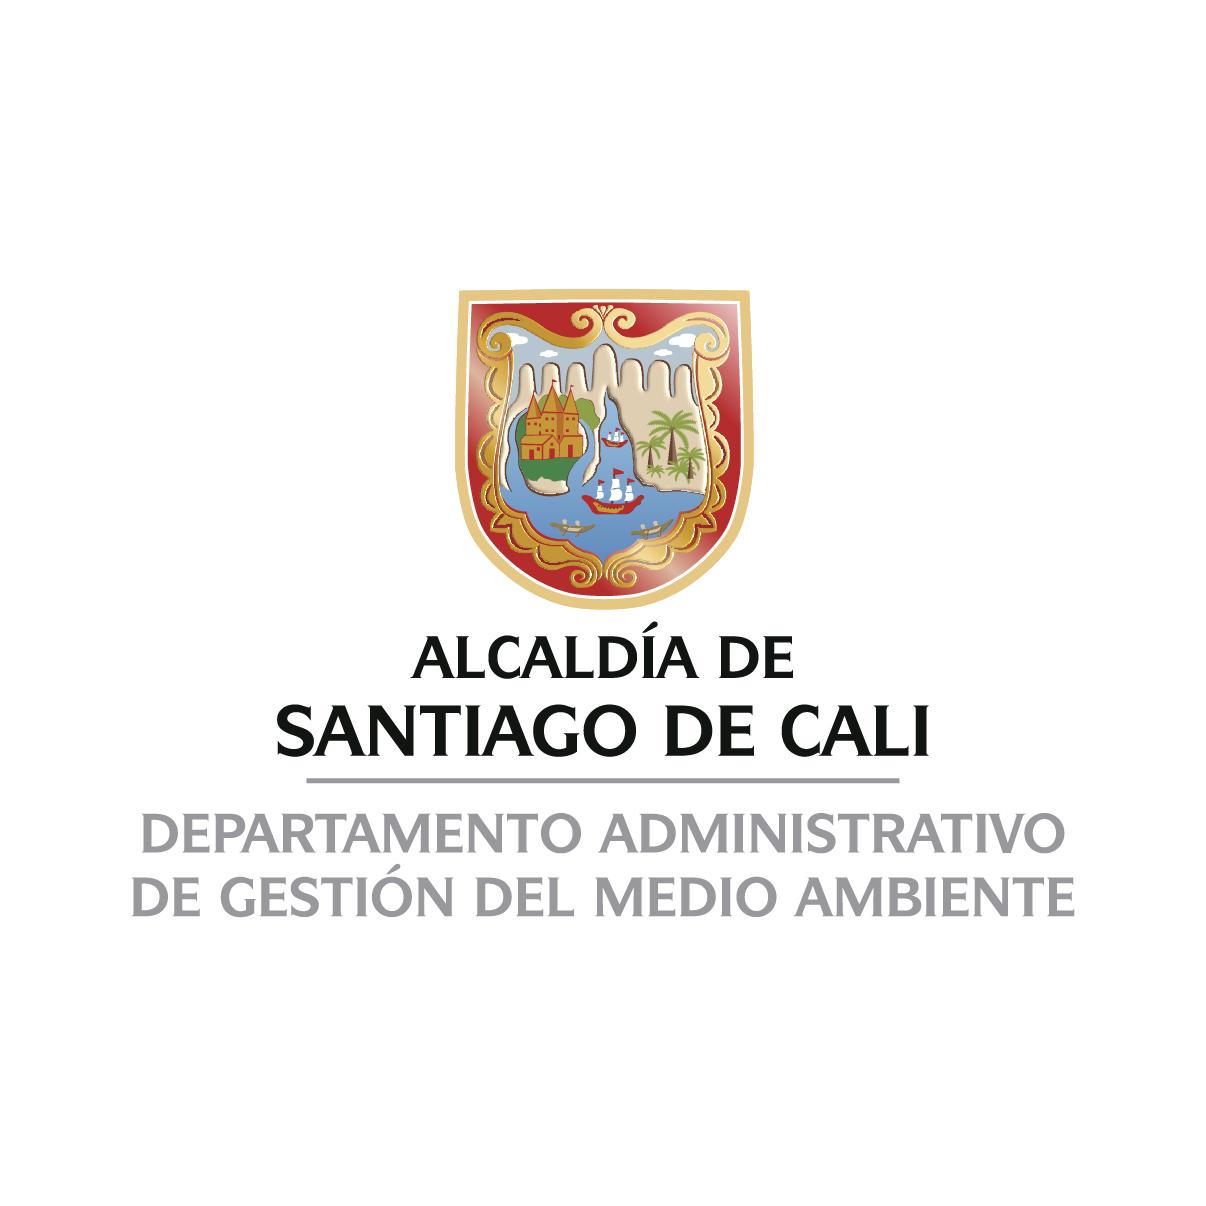 departamento-administrativo-de-gestion-del-medio-ambiente